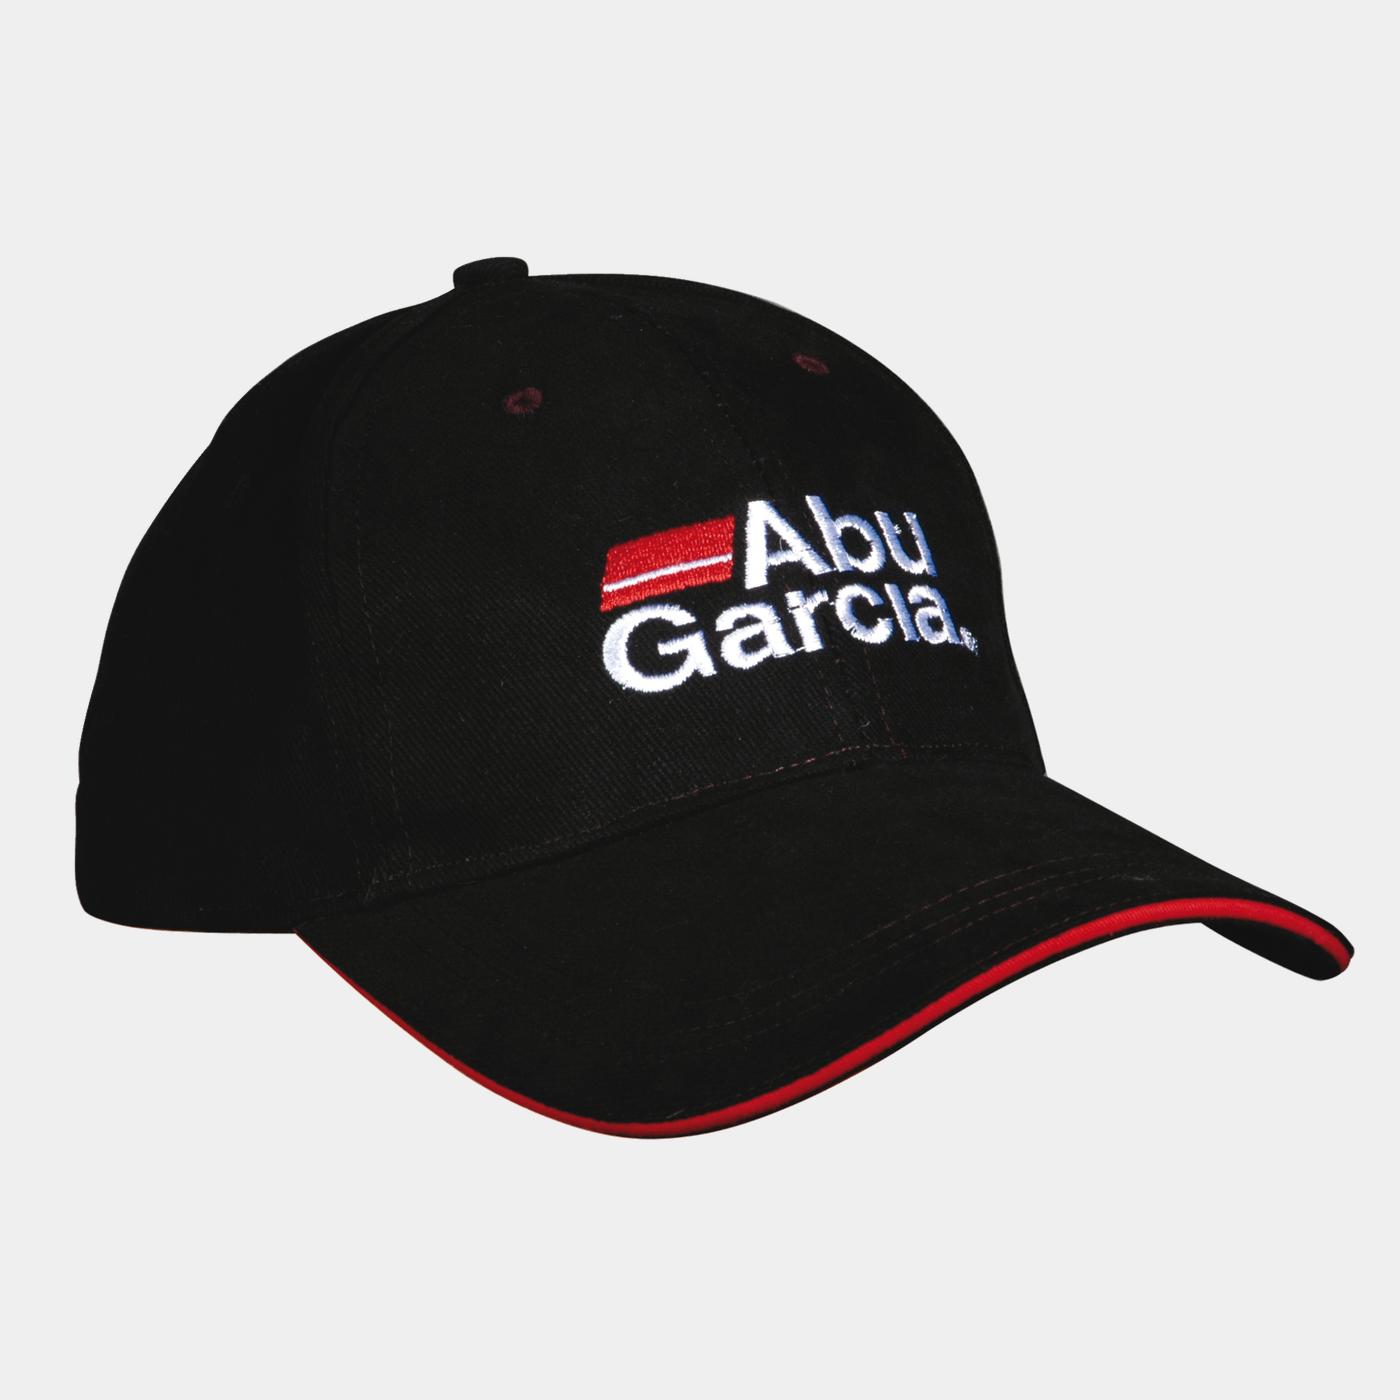 Abu Garcia  Abu Garcia Baseball Cap - Black